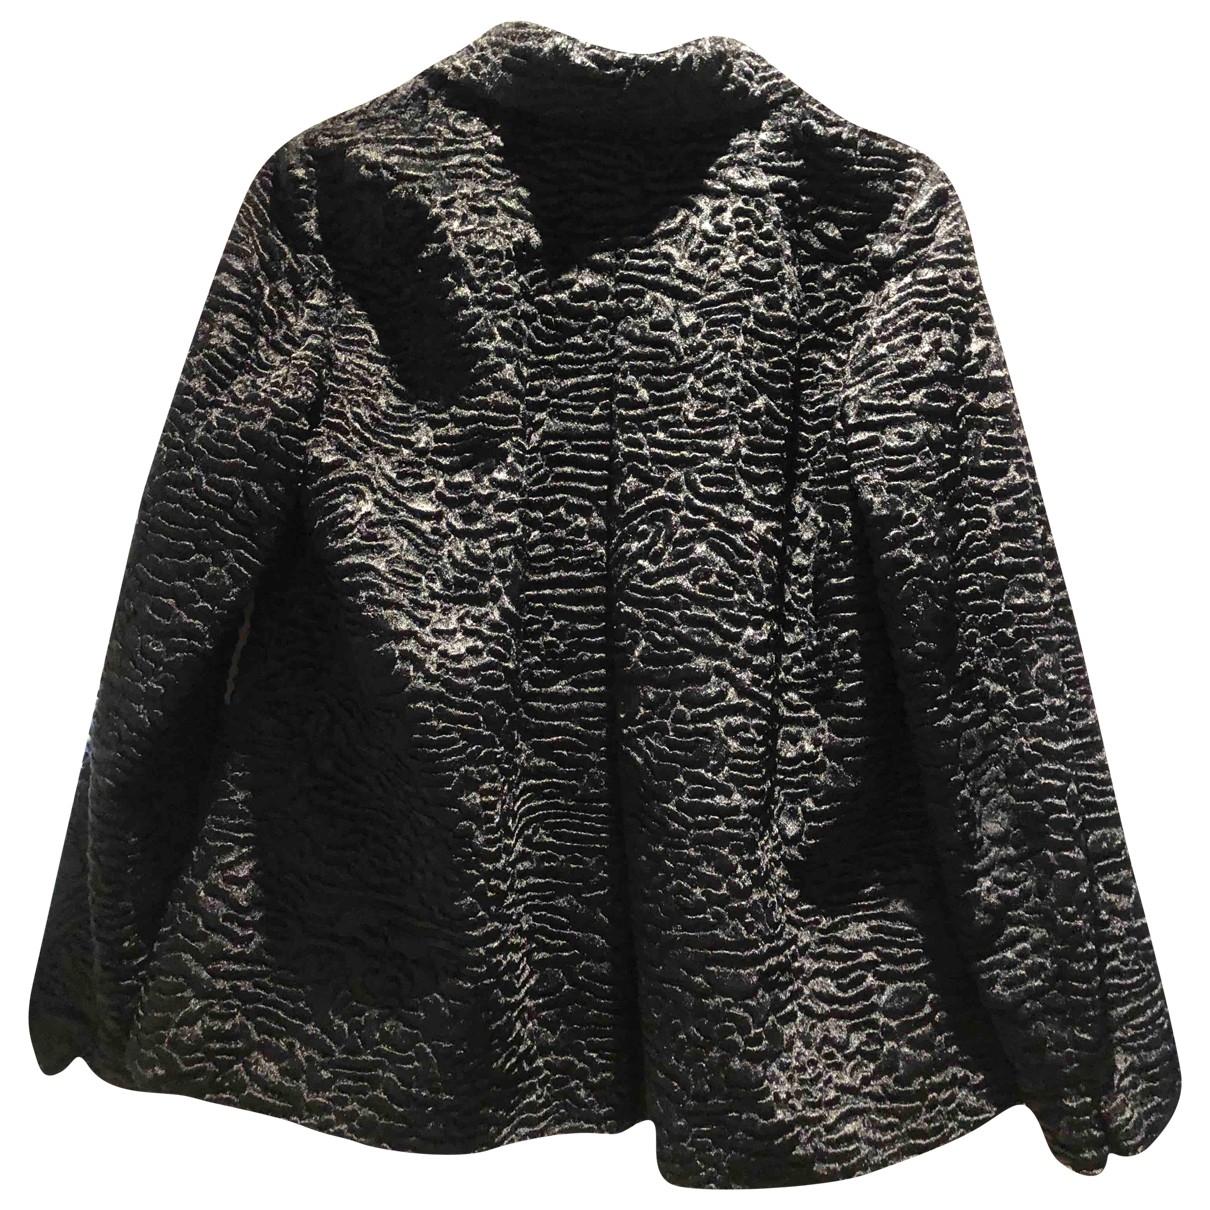 Max Mara s - Manteau   pour femme en fourrure synthetique - noir